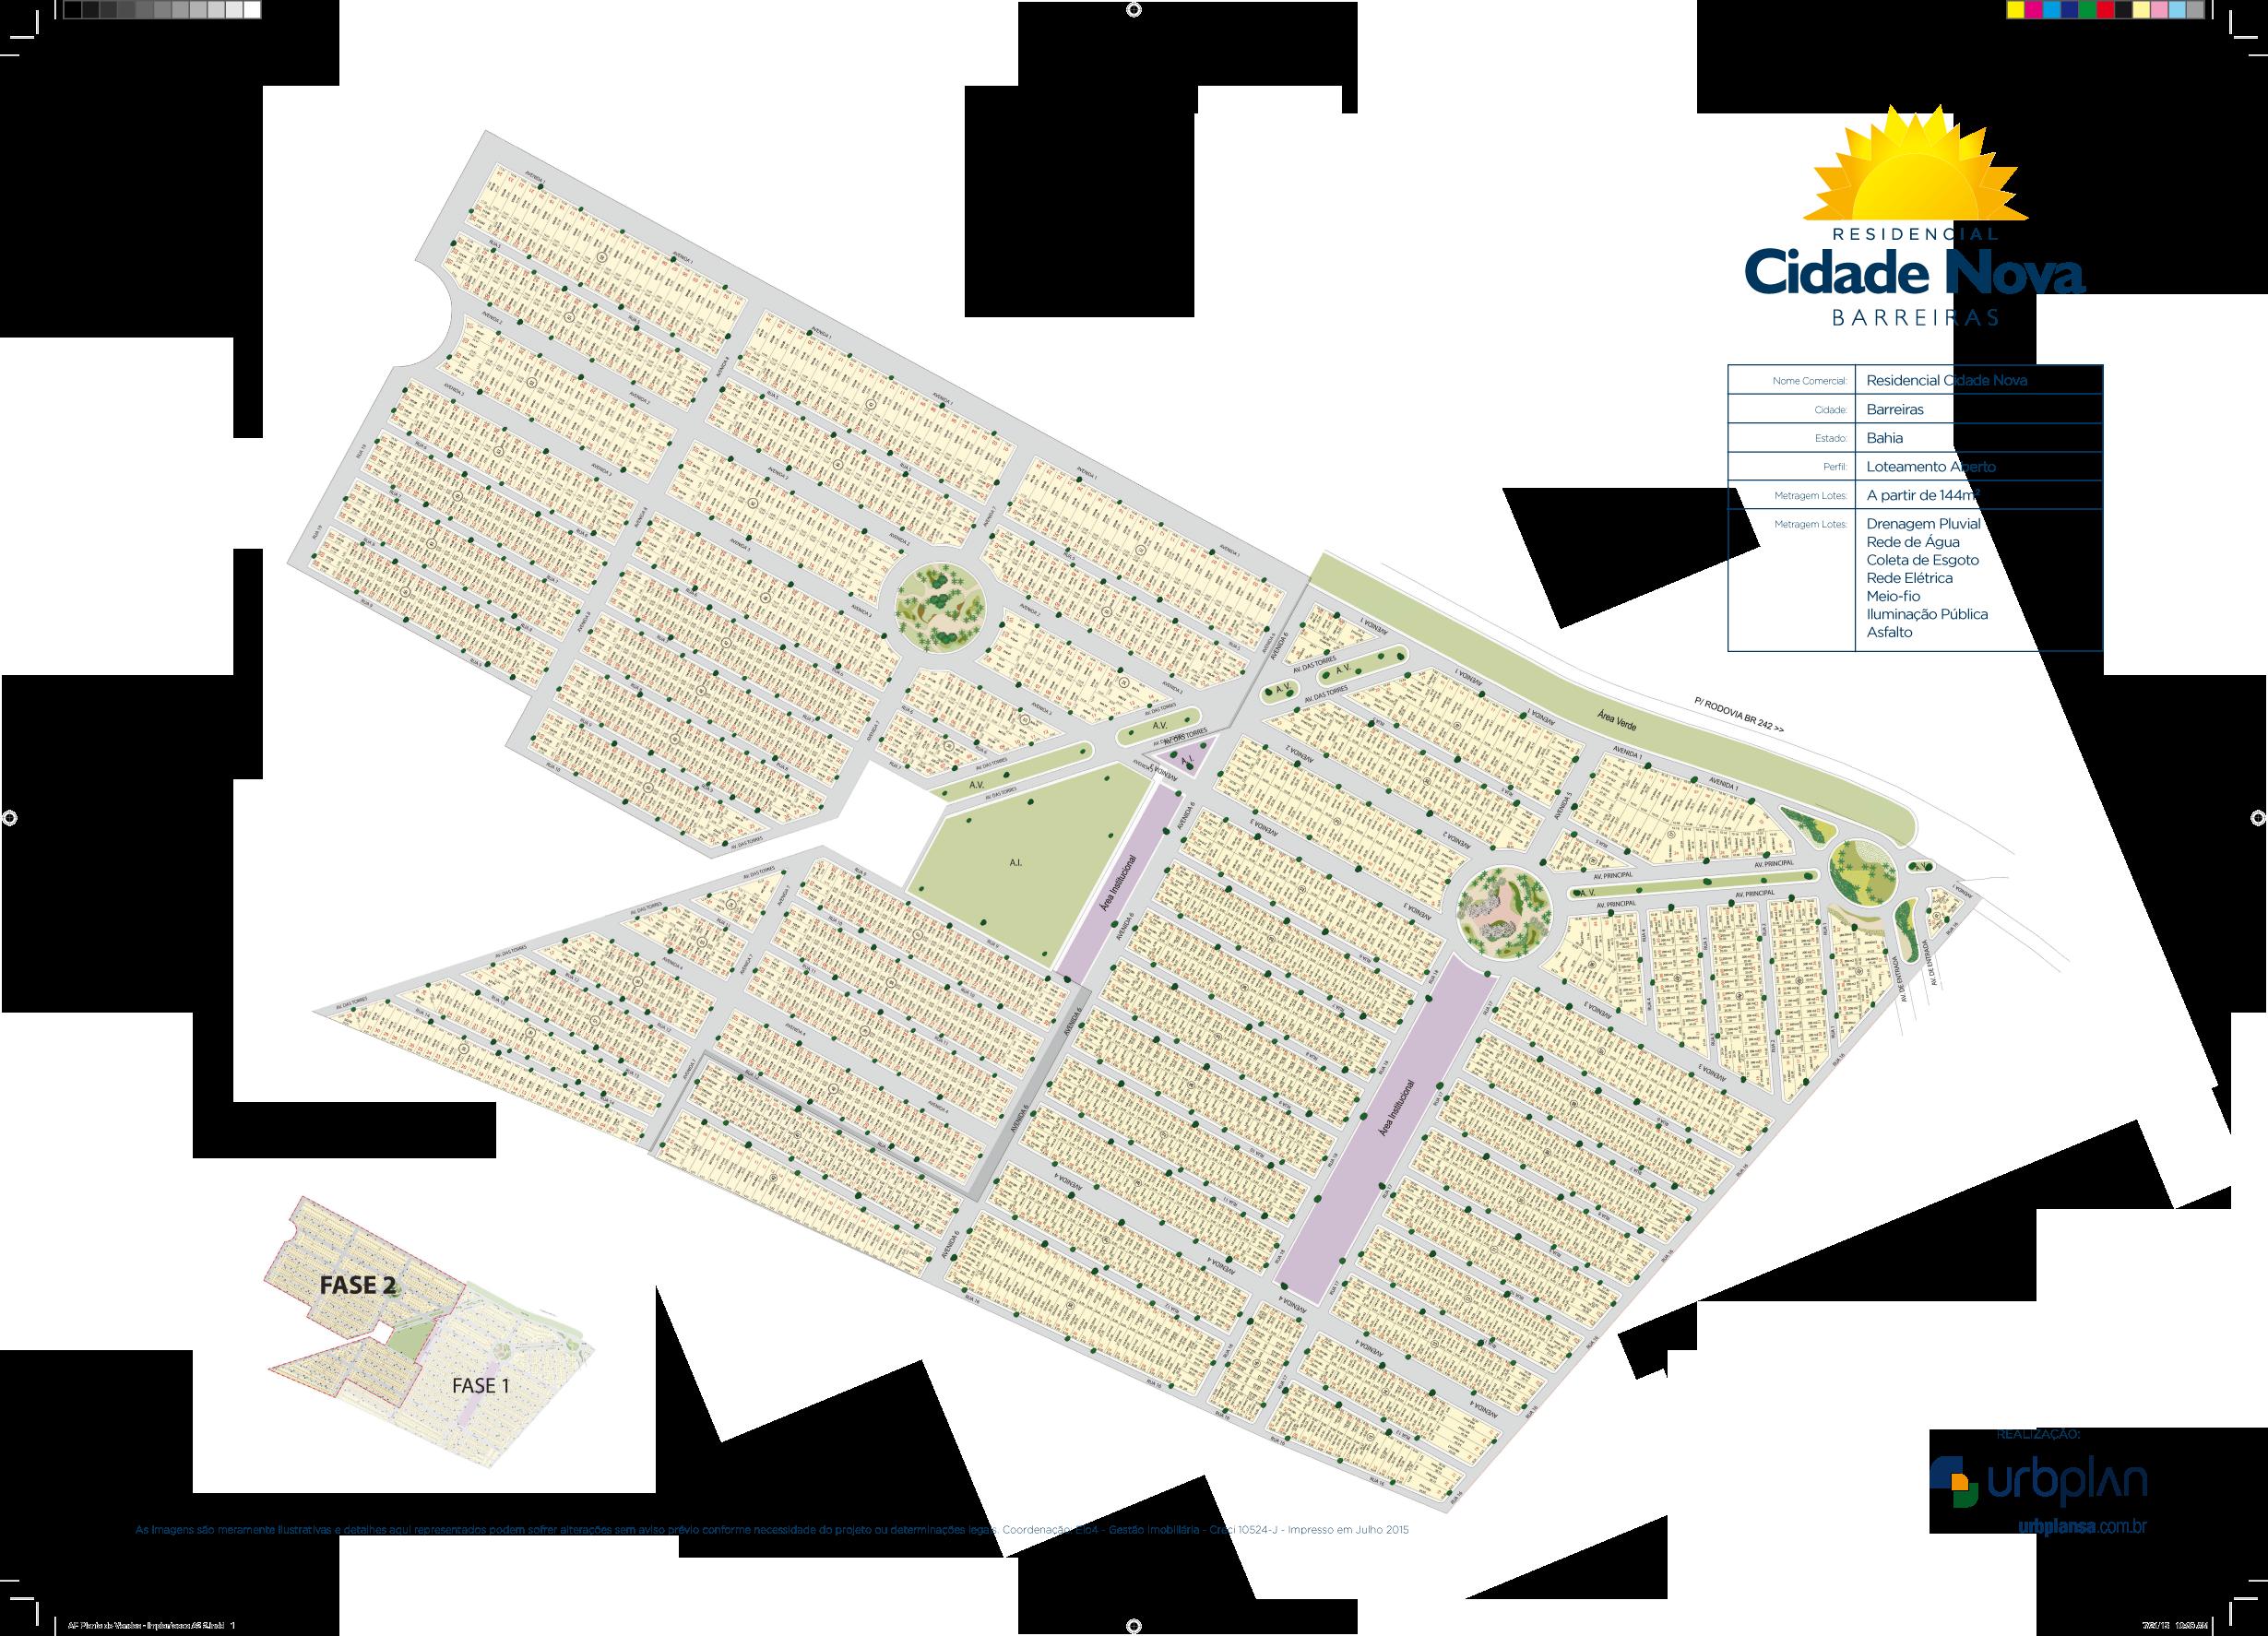 Residencial Cidade Nova